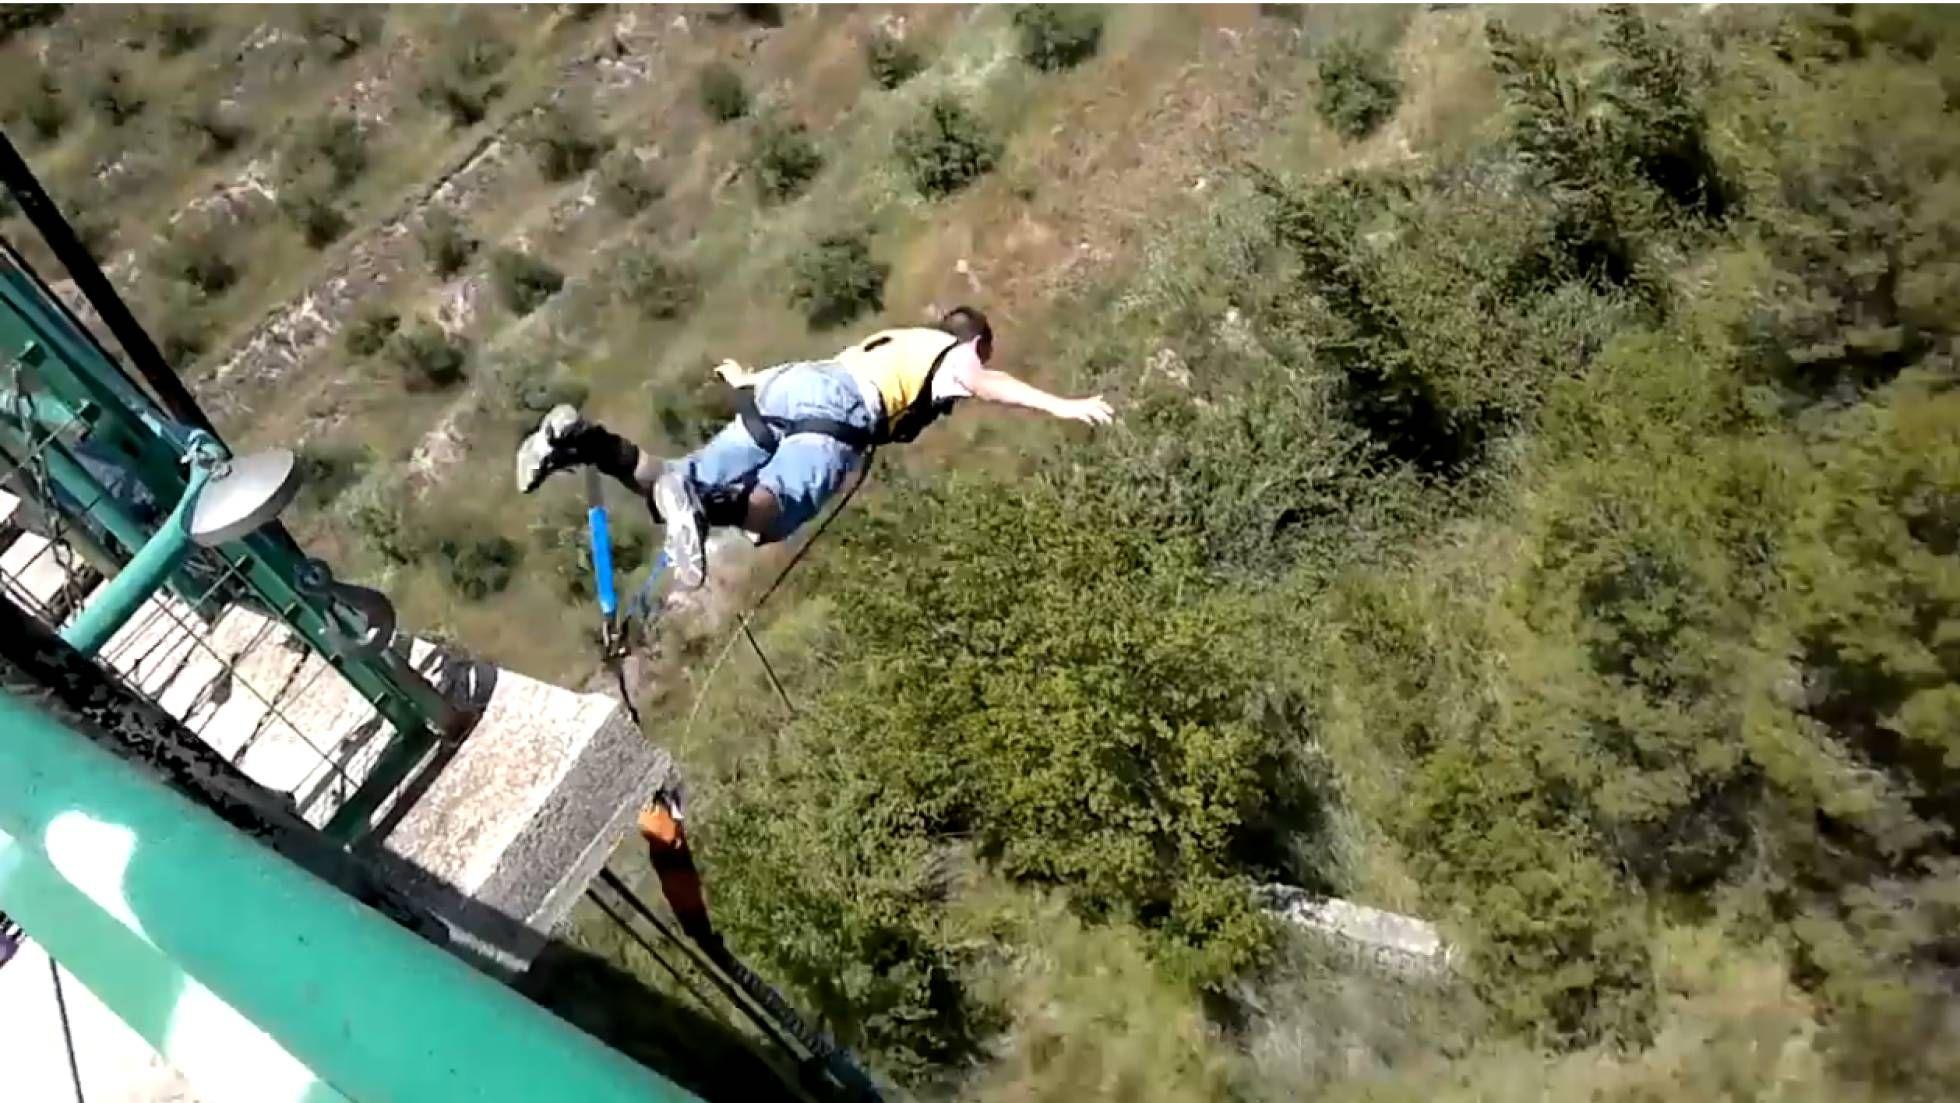 Carbonell tenía un canal de Youtube dedicado a los deportes extremos